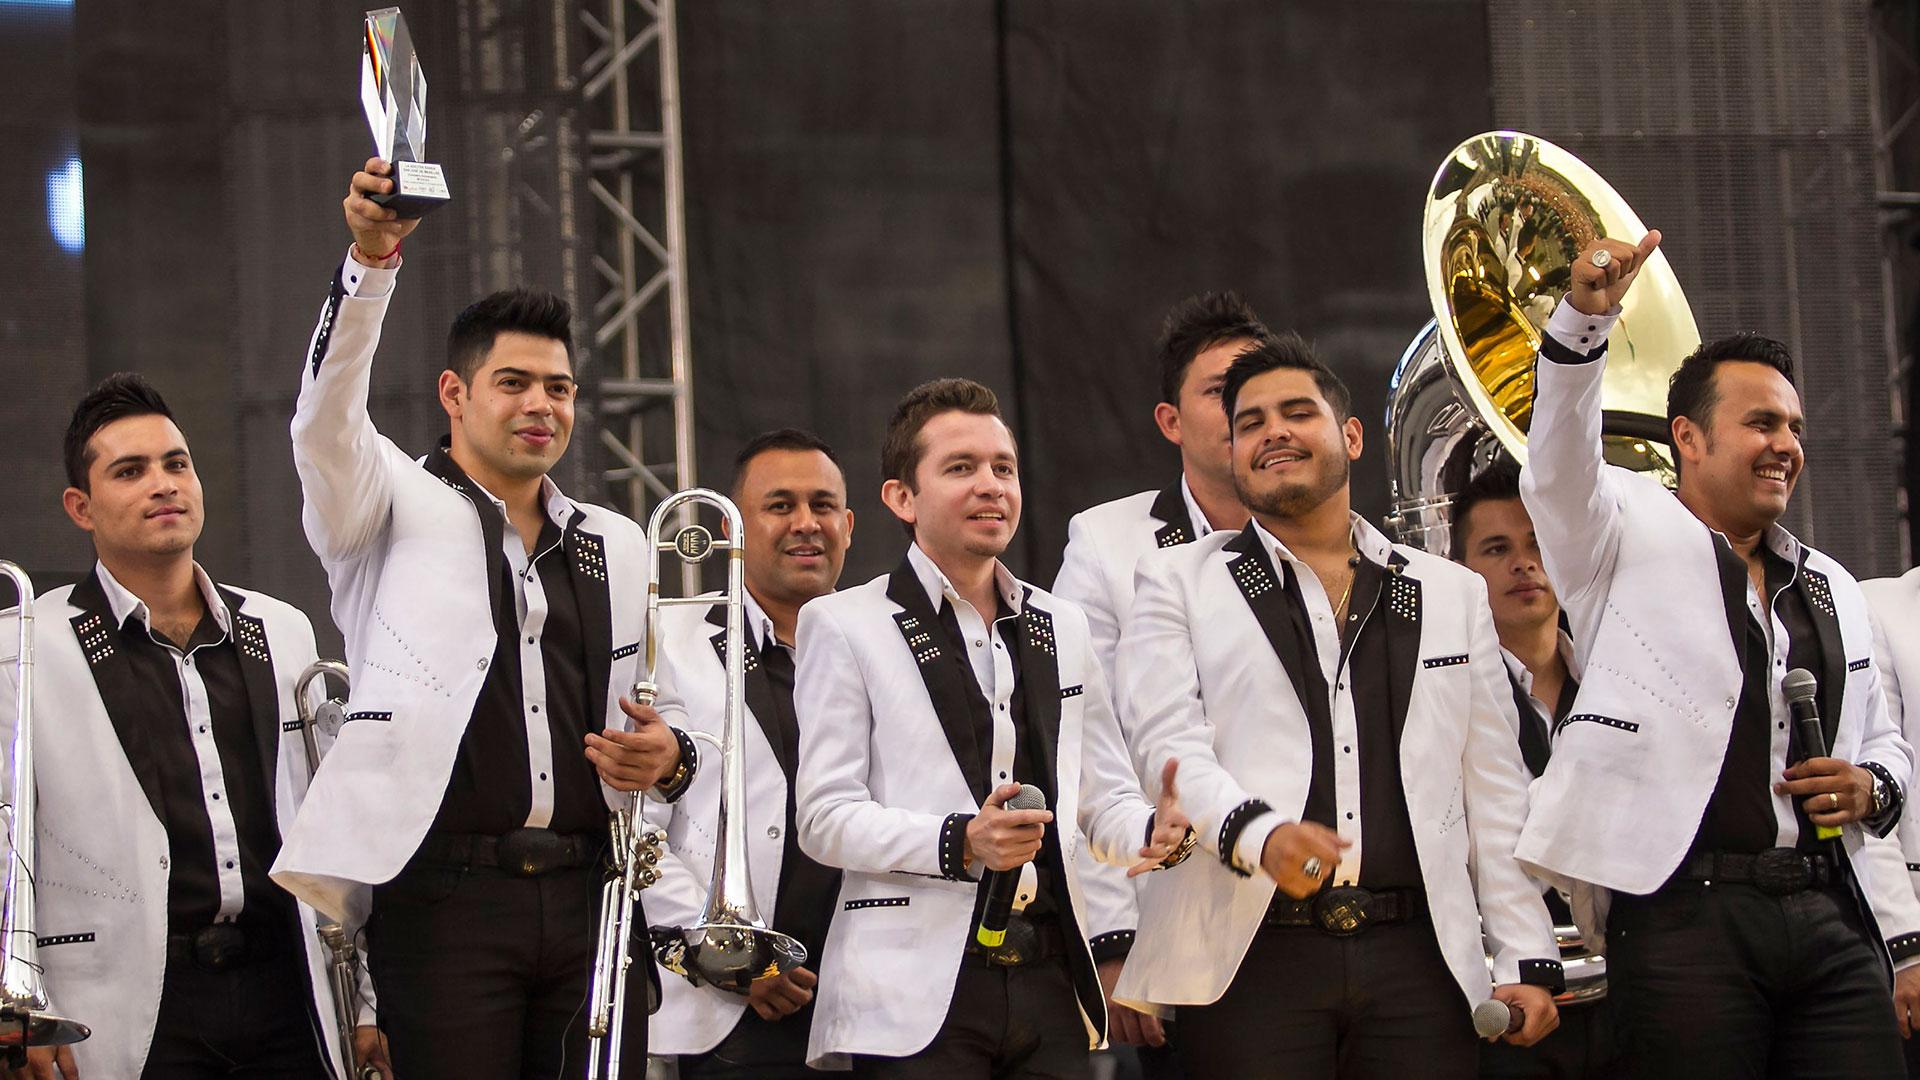 La banda La Adictiva confirmó su asistencia a los festejos del Grito de Independencia en Xalapa